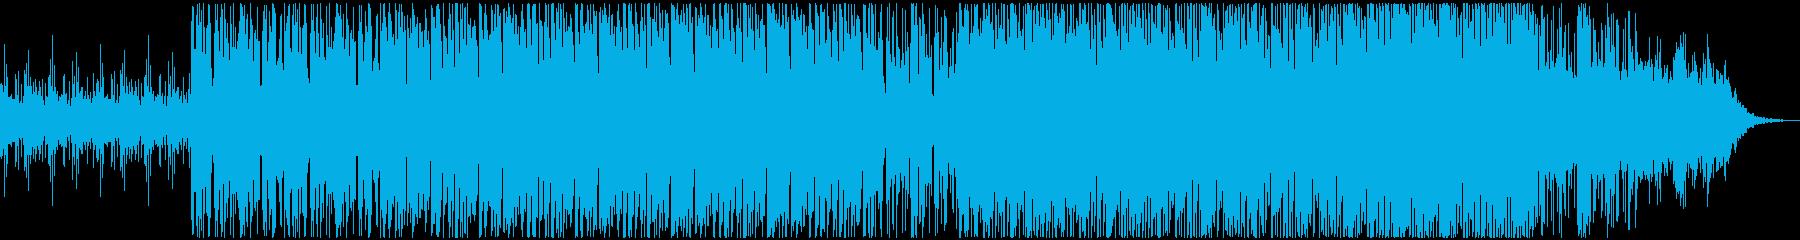 ダークでポップなエレクトロニカの再生済みの波形